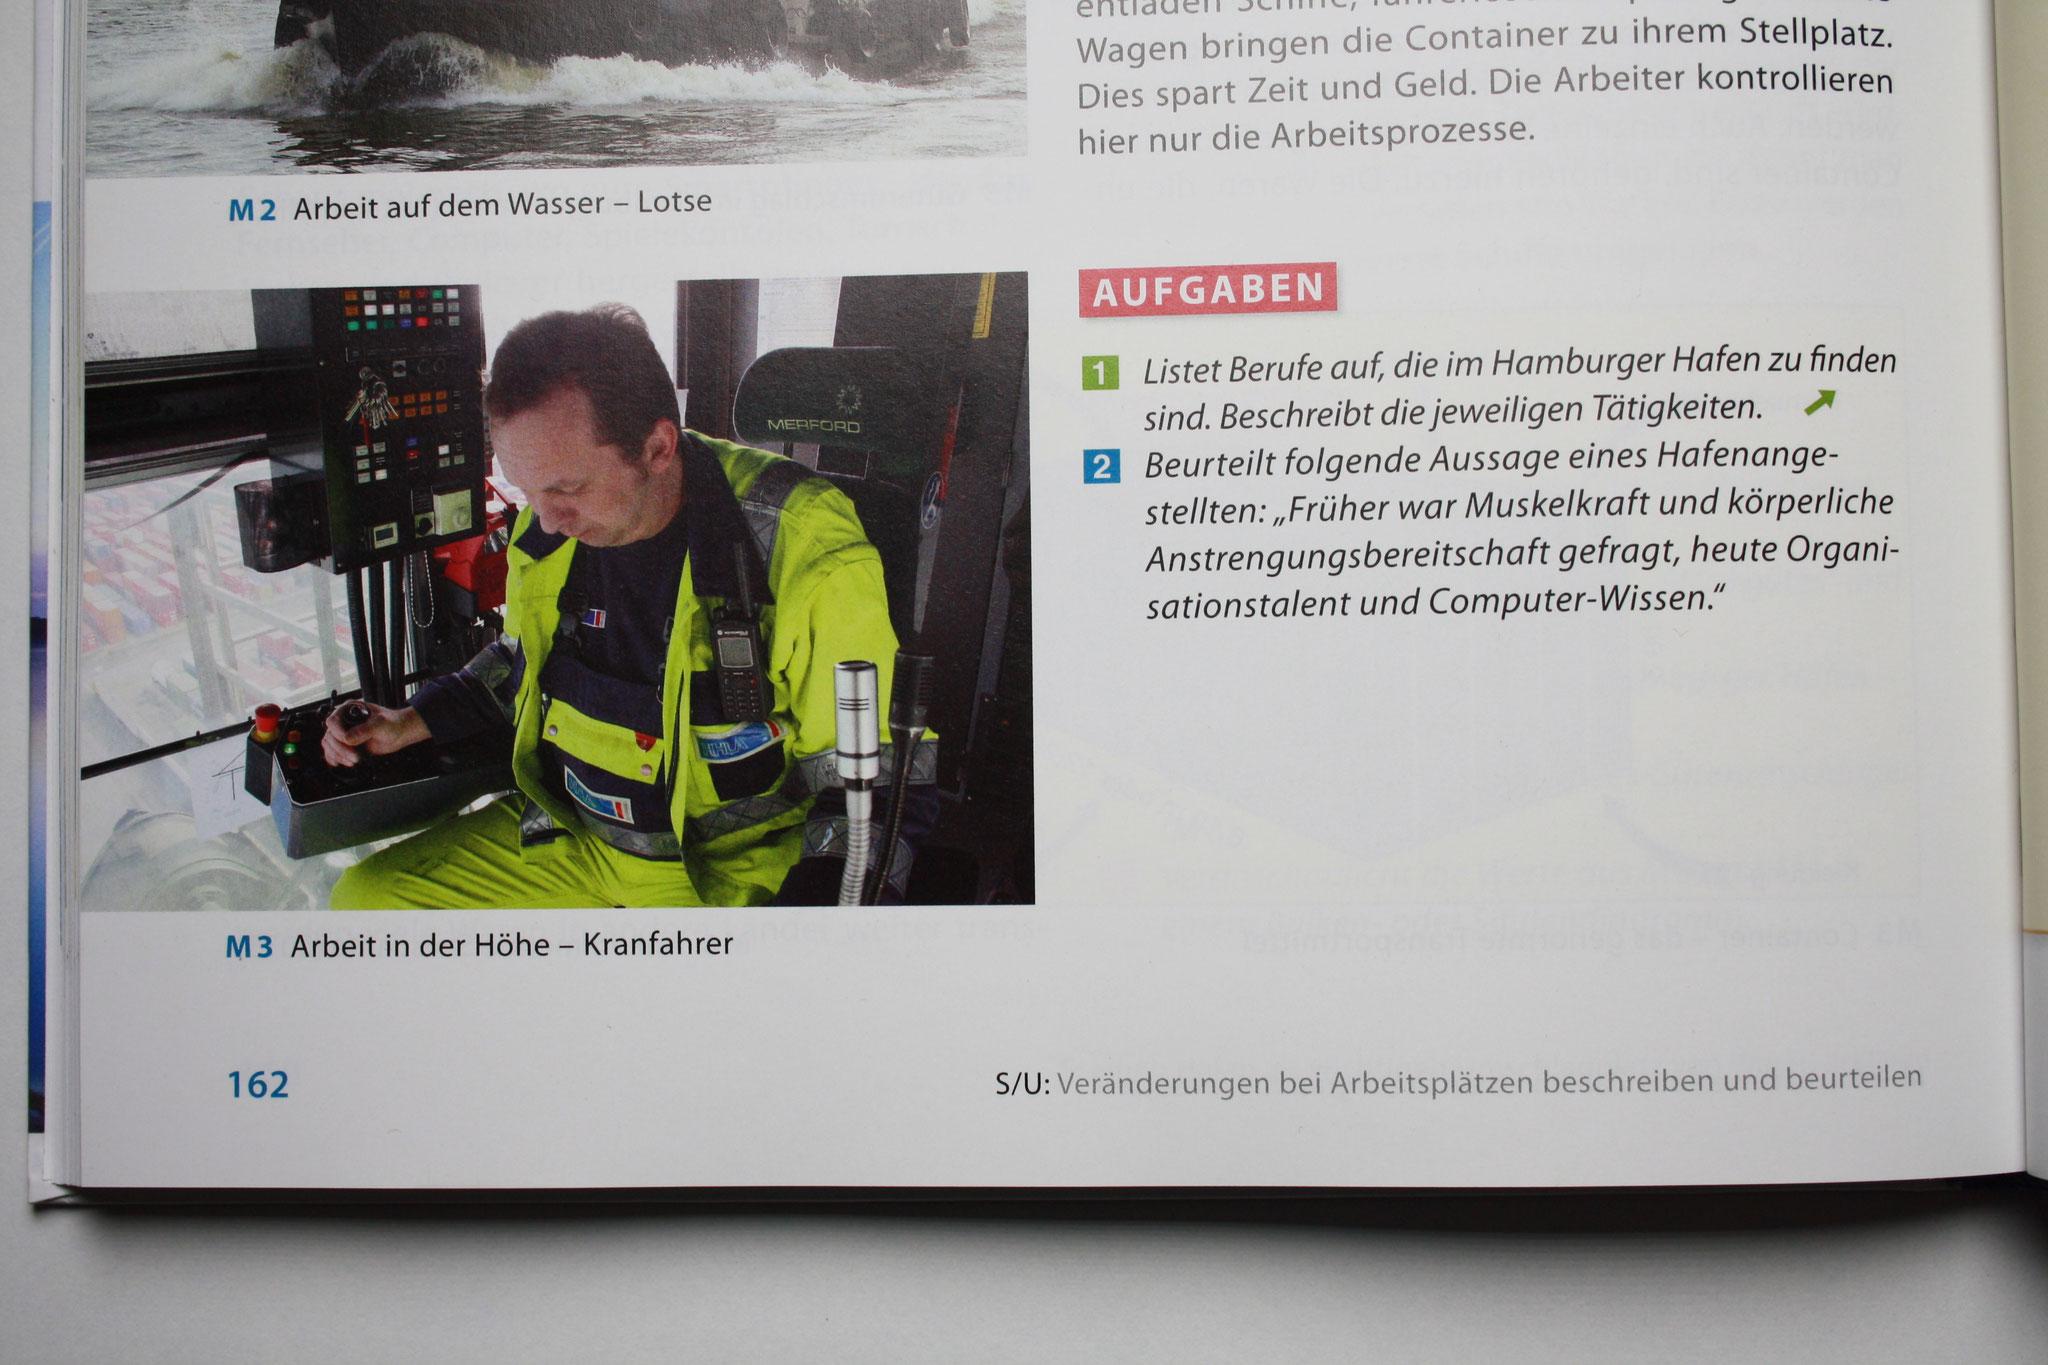 Containerbrückenfahrer im Schulbuch